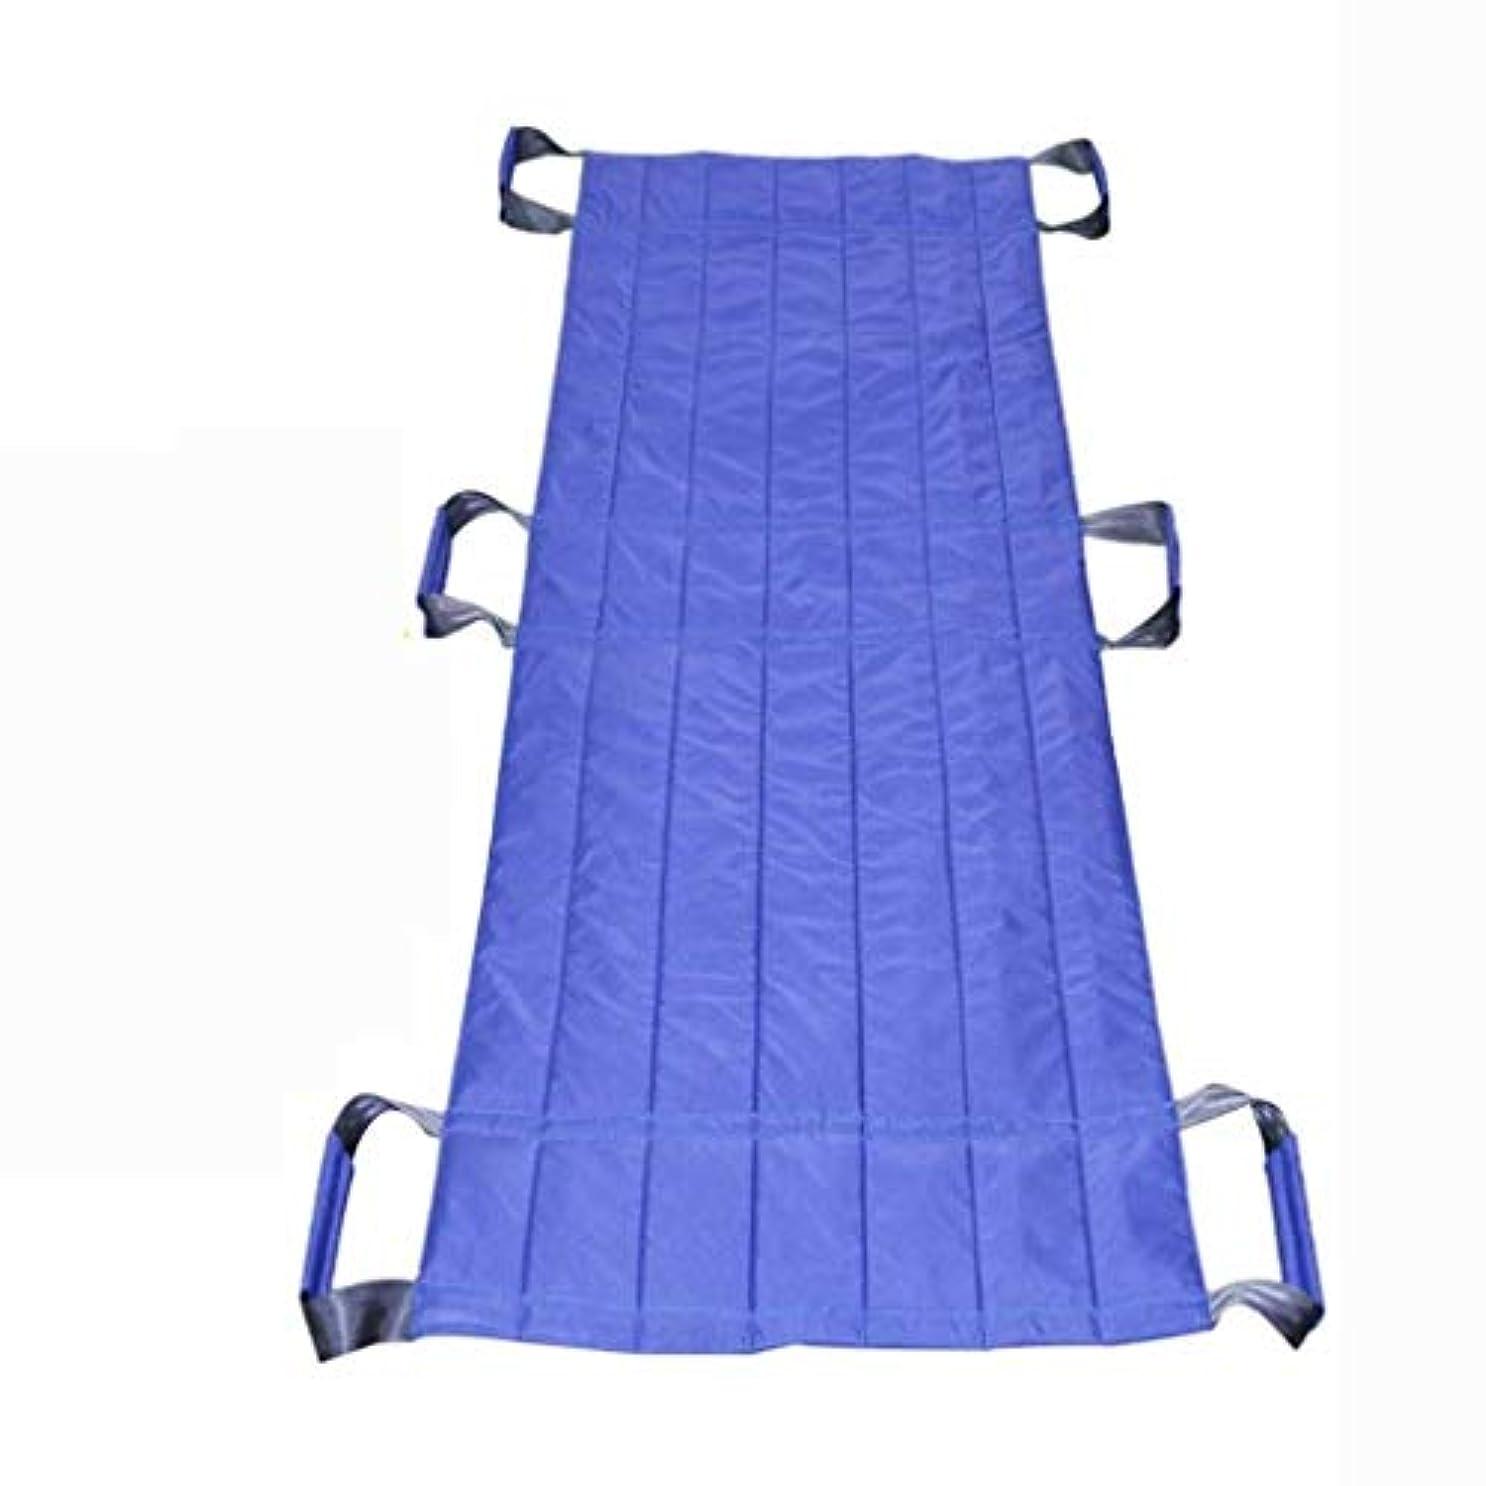 キネマティクスピクニックかなり移動ボードベルトスライドターナー移動式スライディング医療用リフティングスリングモビリティ機器のお手入れ - ヘルスケアベッド用品高齢者障害者用肥満体操パッド